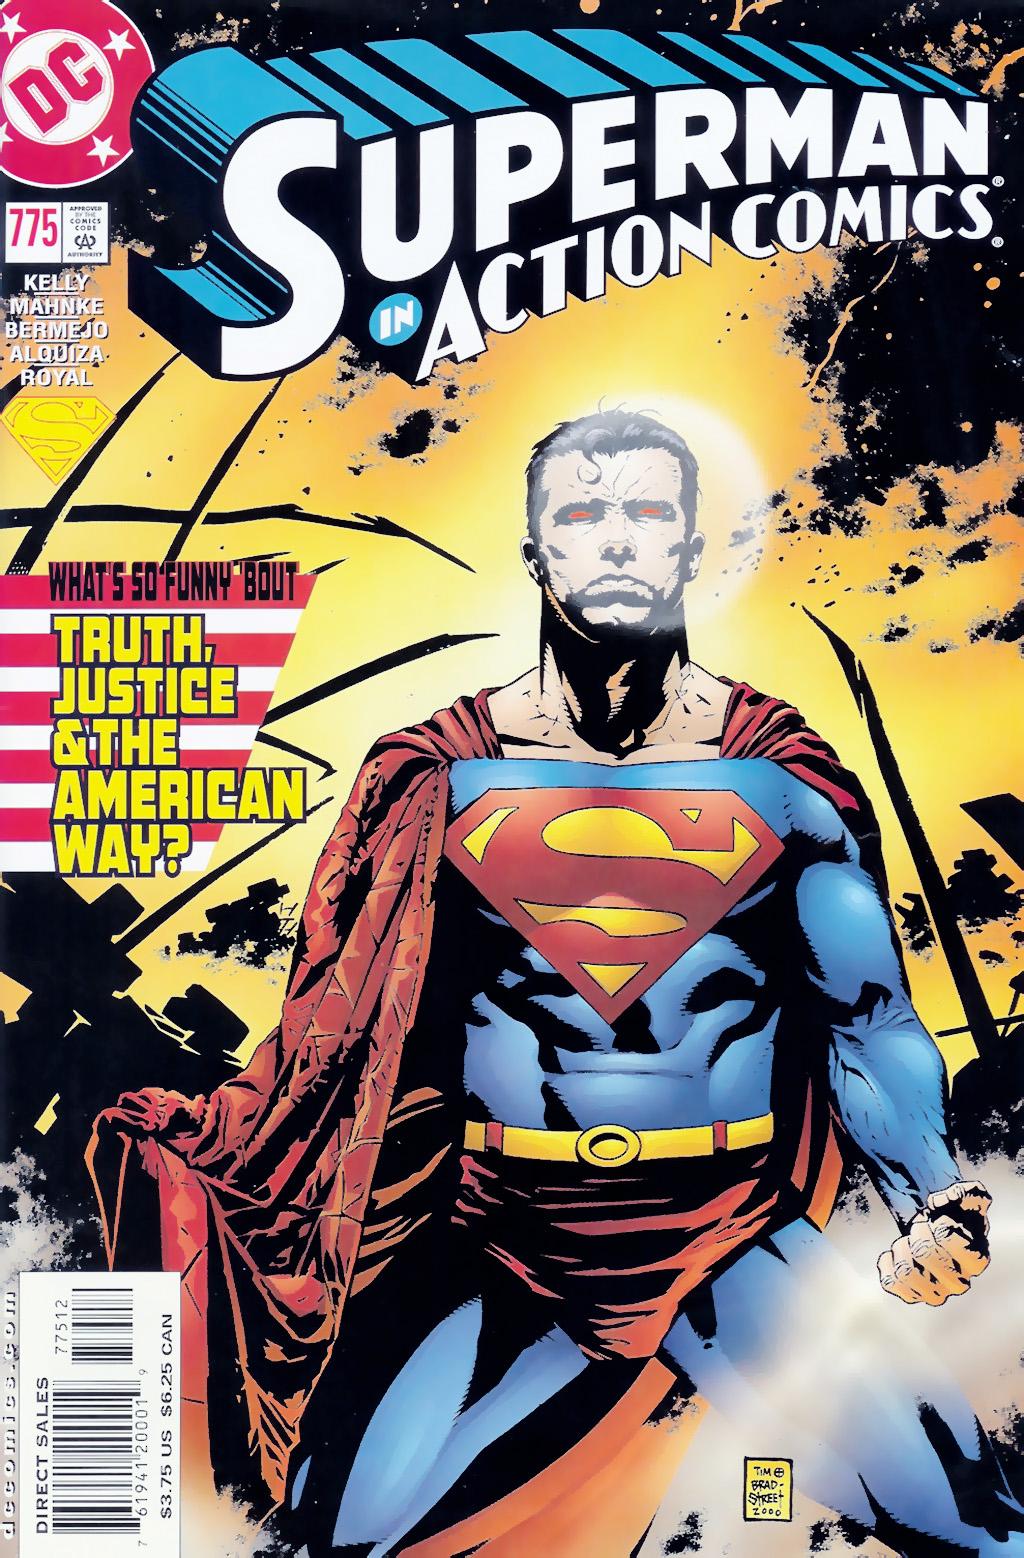 История Супермена иэволюция его образа вкомиксах   Канобу - Изображение 9419